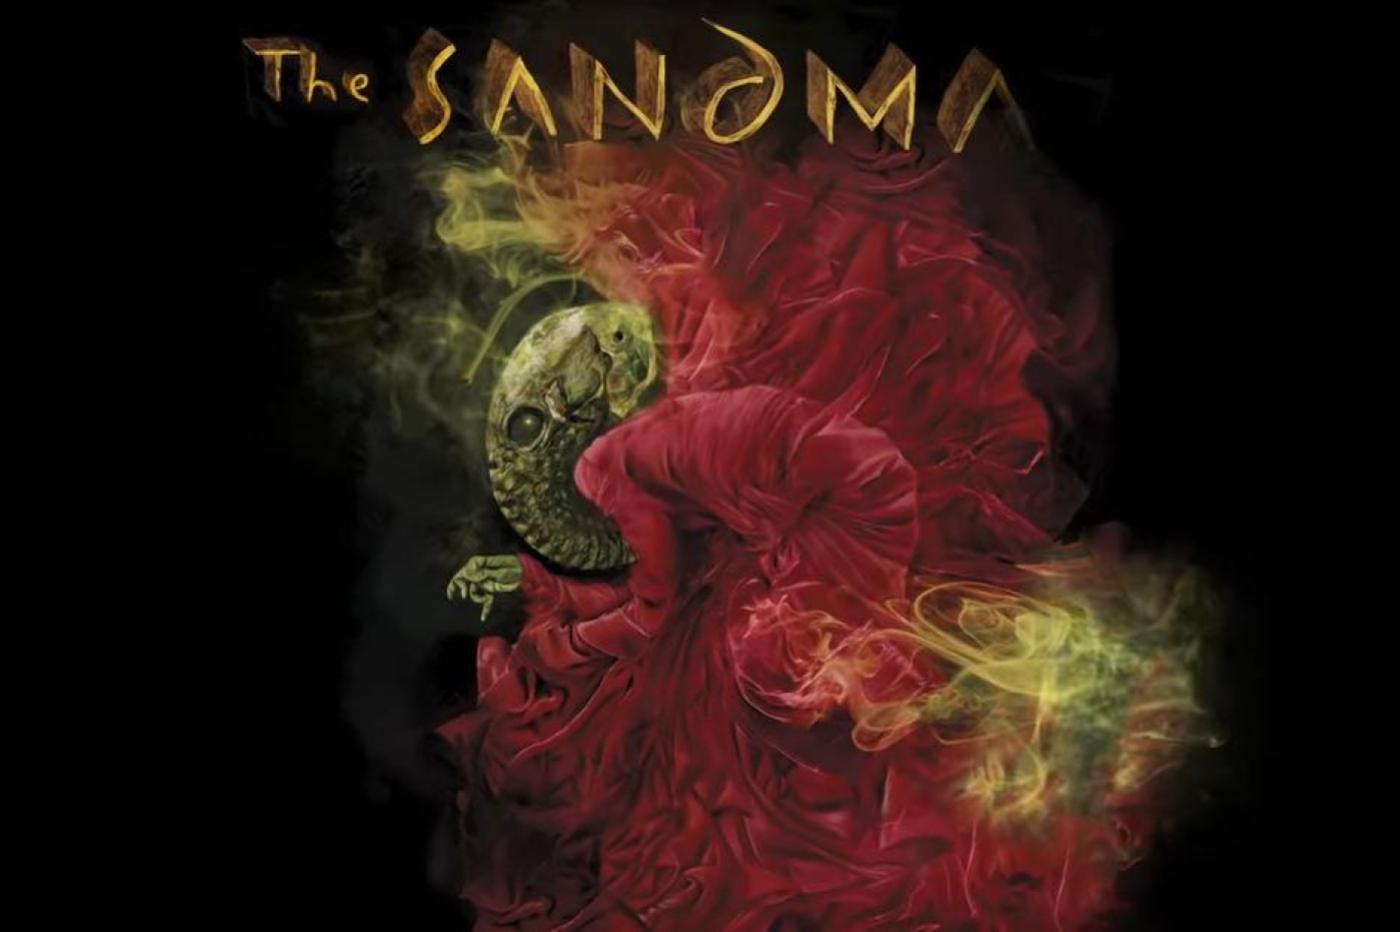 The Sandman Netflix